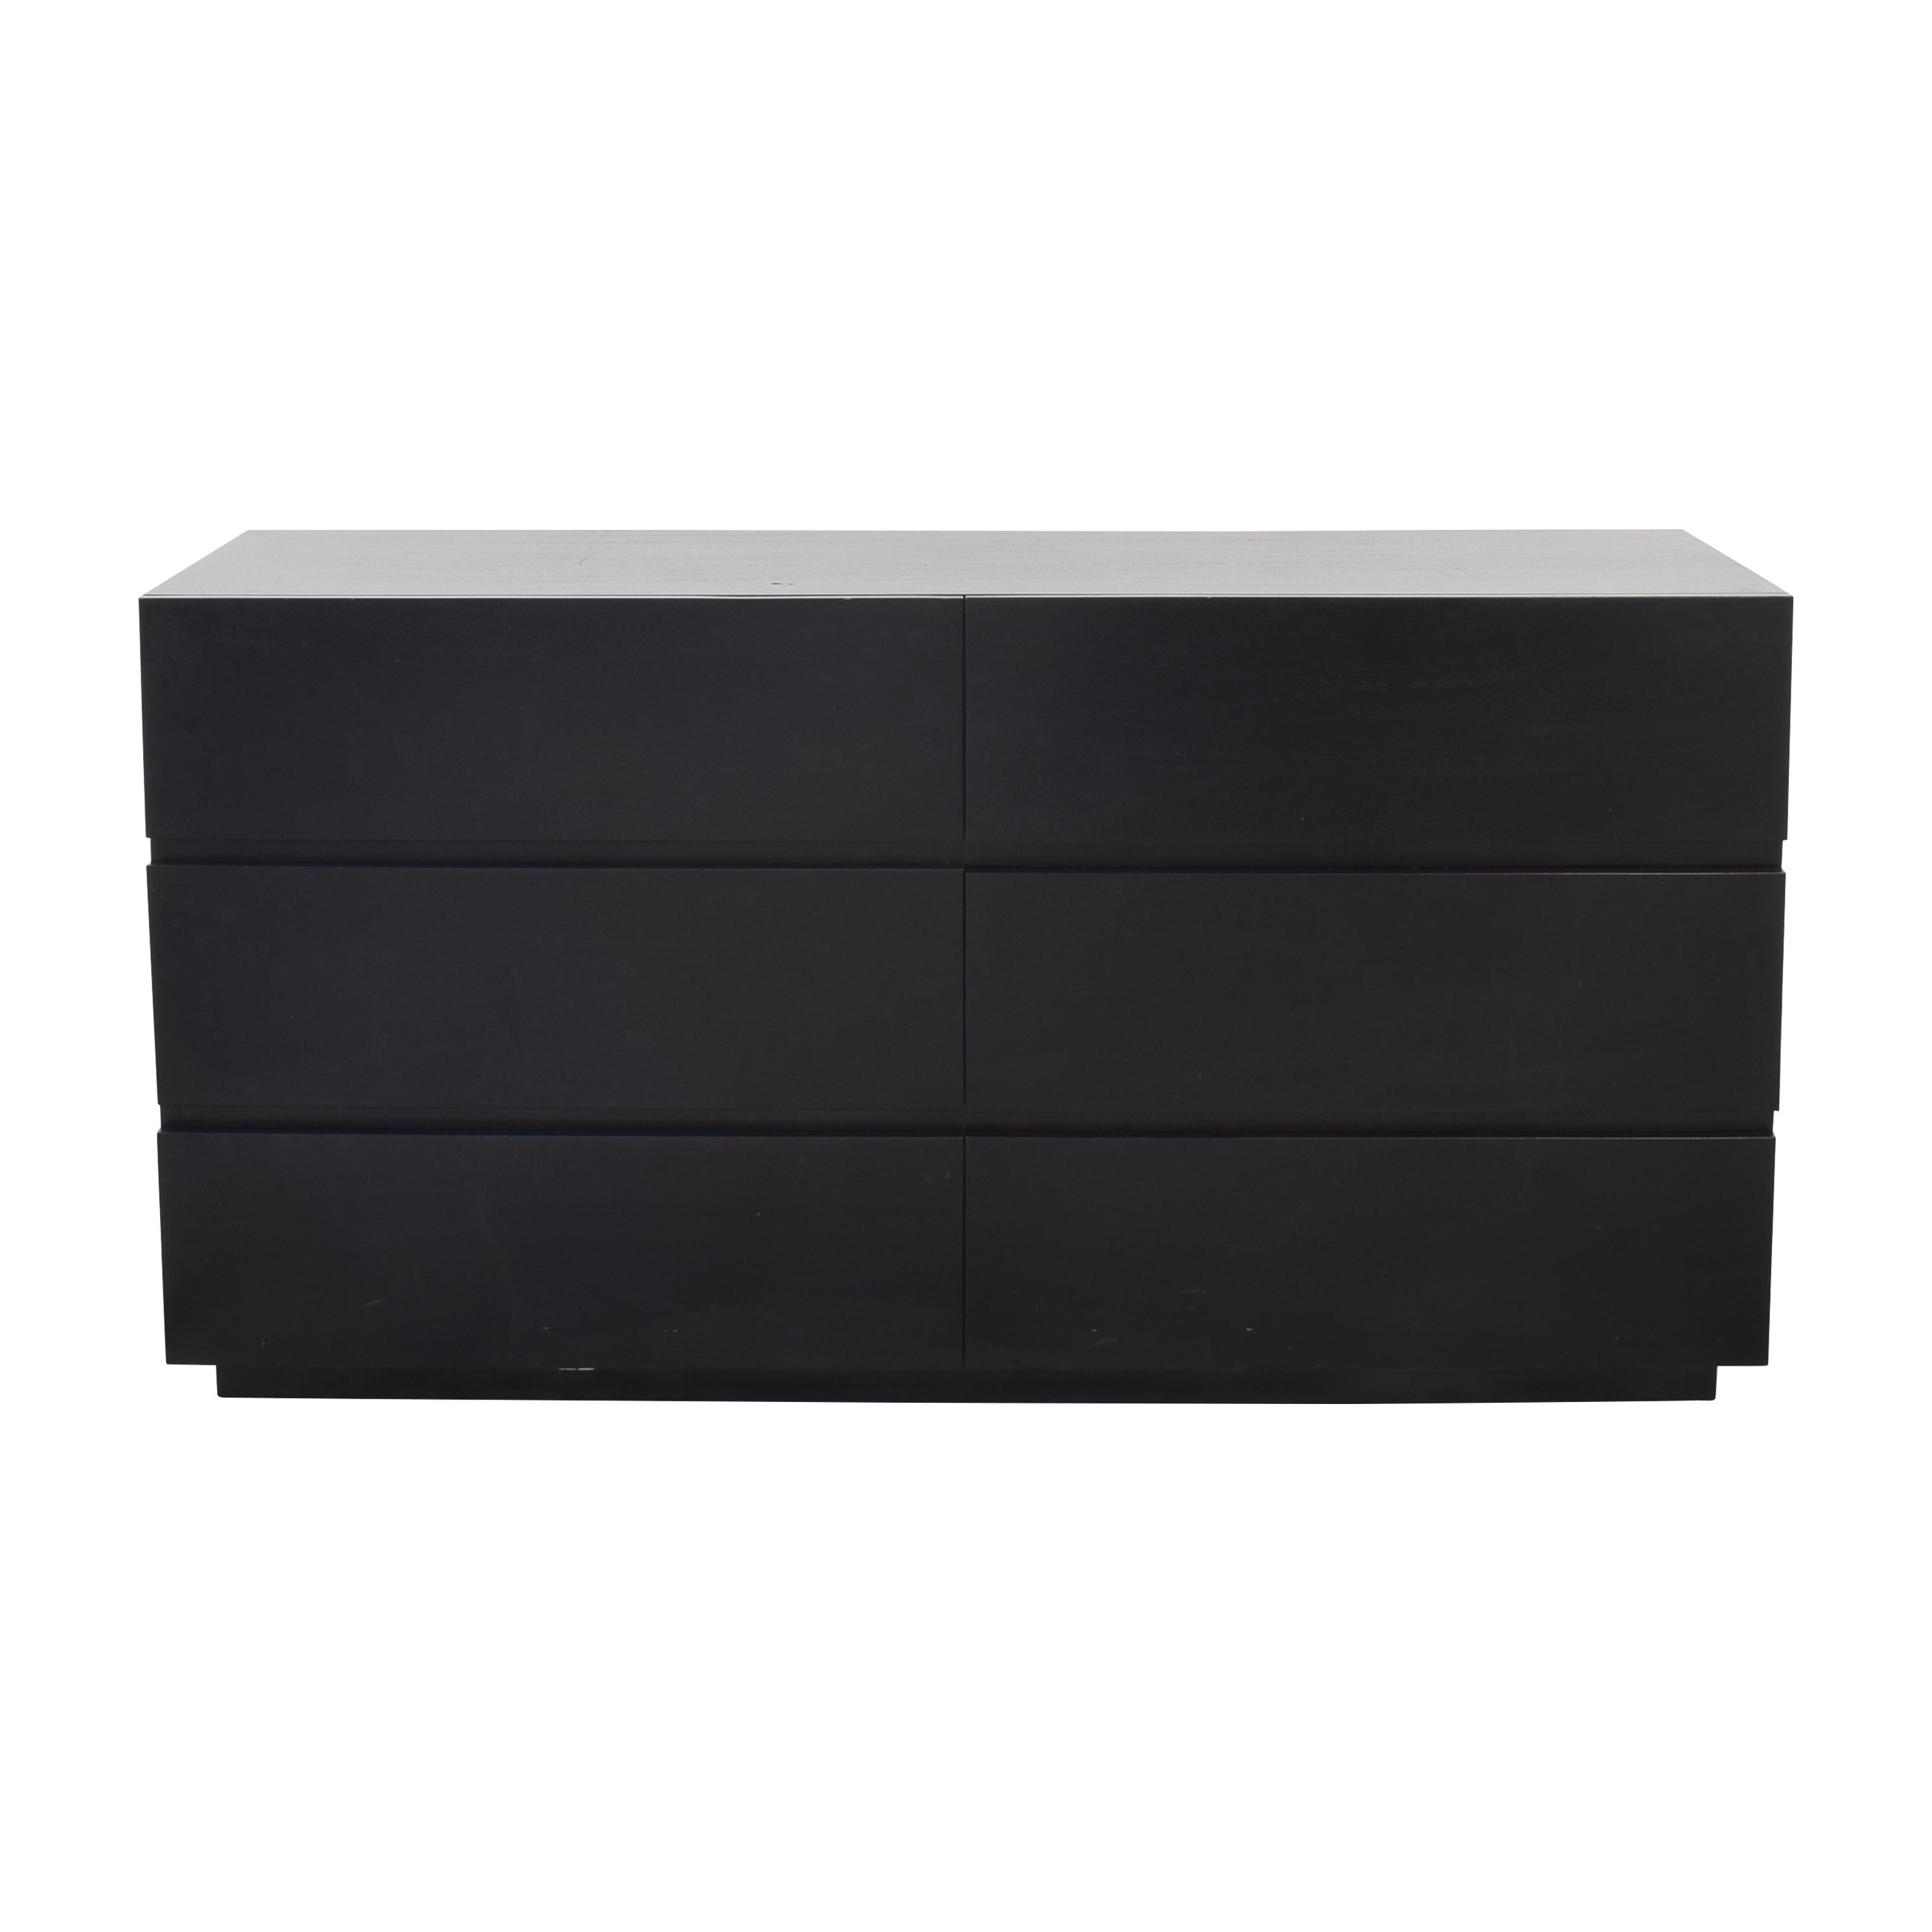 Crate & Barrel Crate & Barrel Pavillion 6-Drawer Dresser ct